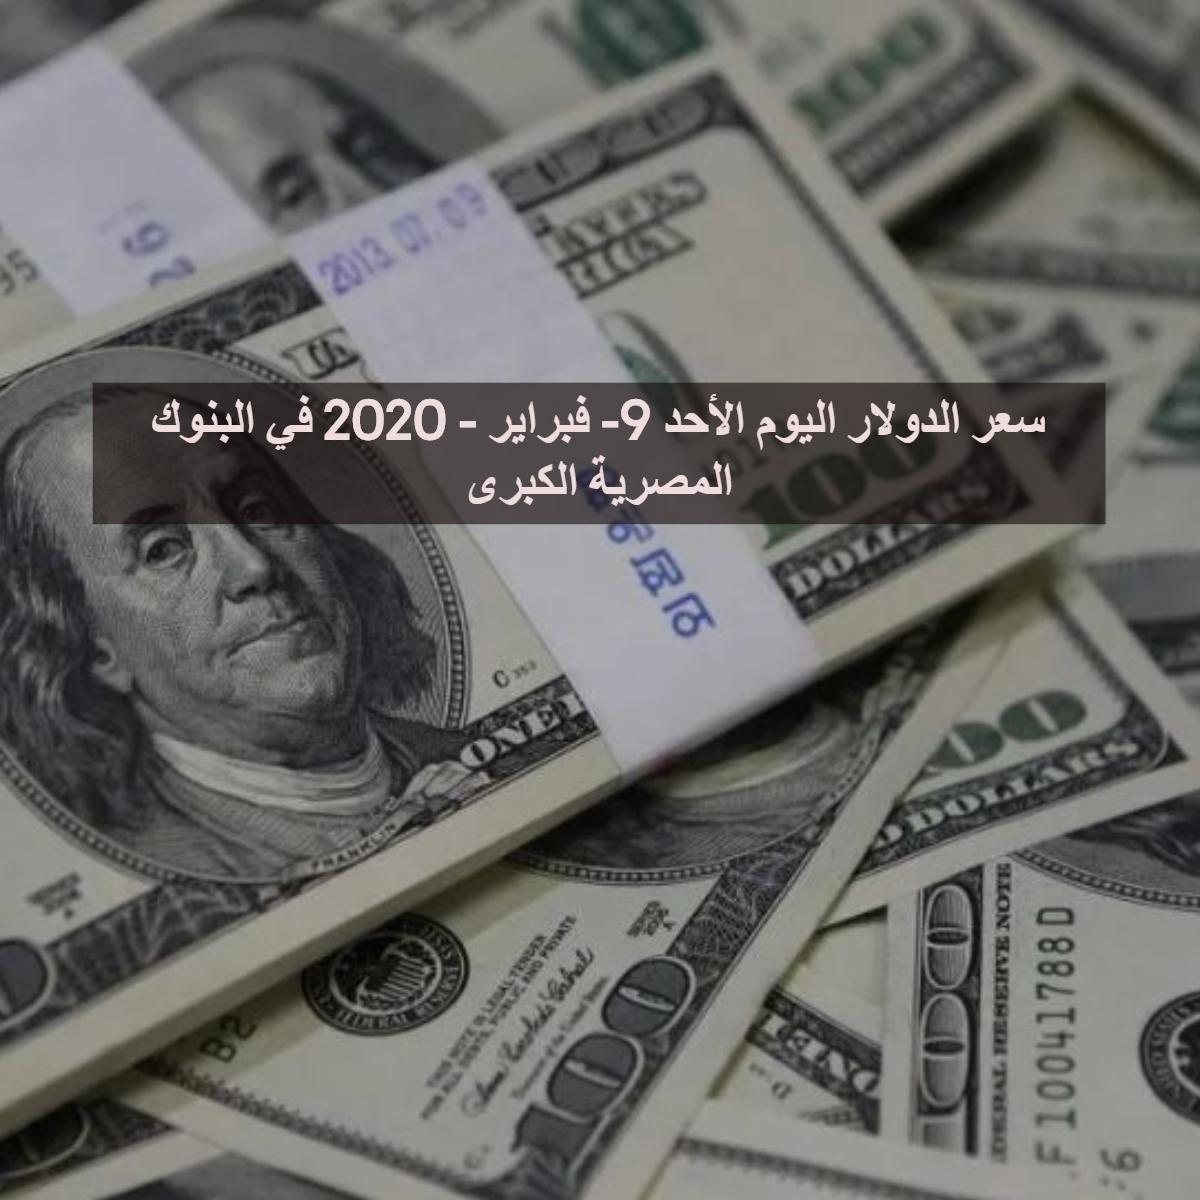 سعر الدولار اليوم الأحد 9- فبراير - 2020 في البنوك المصرية الكبرى